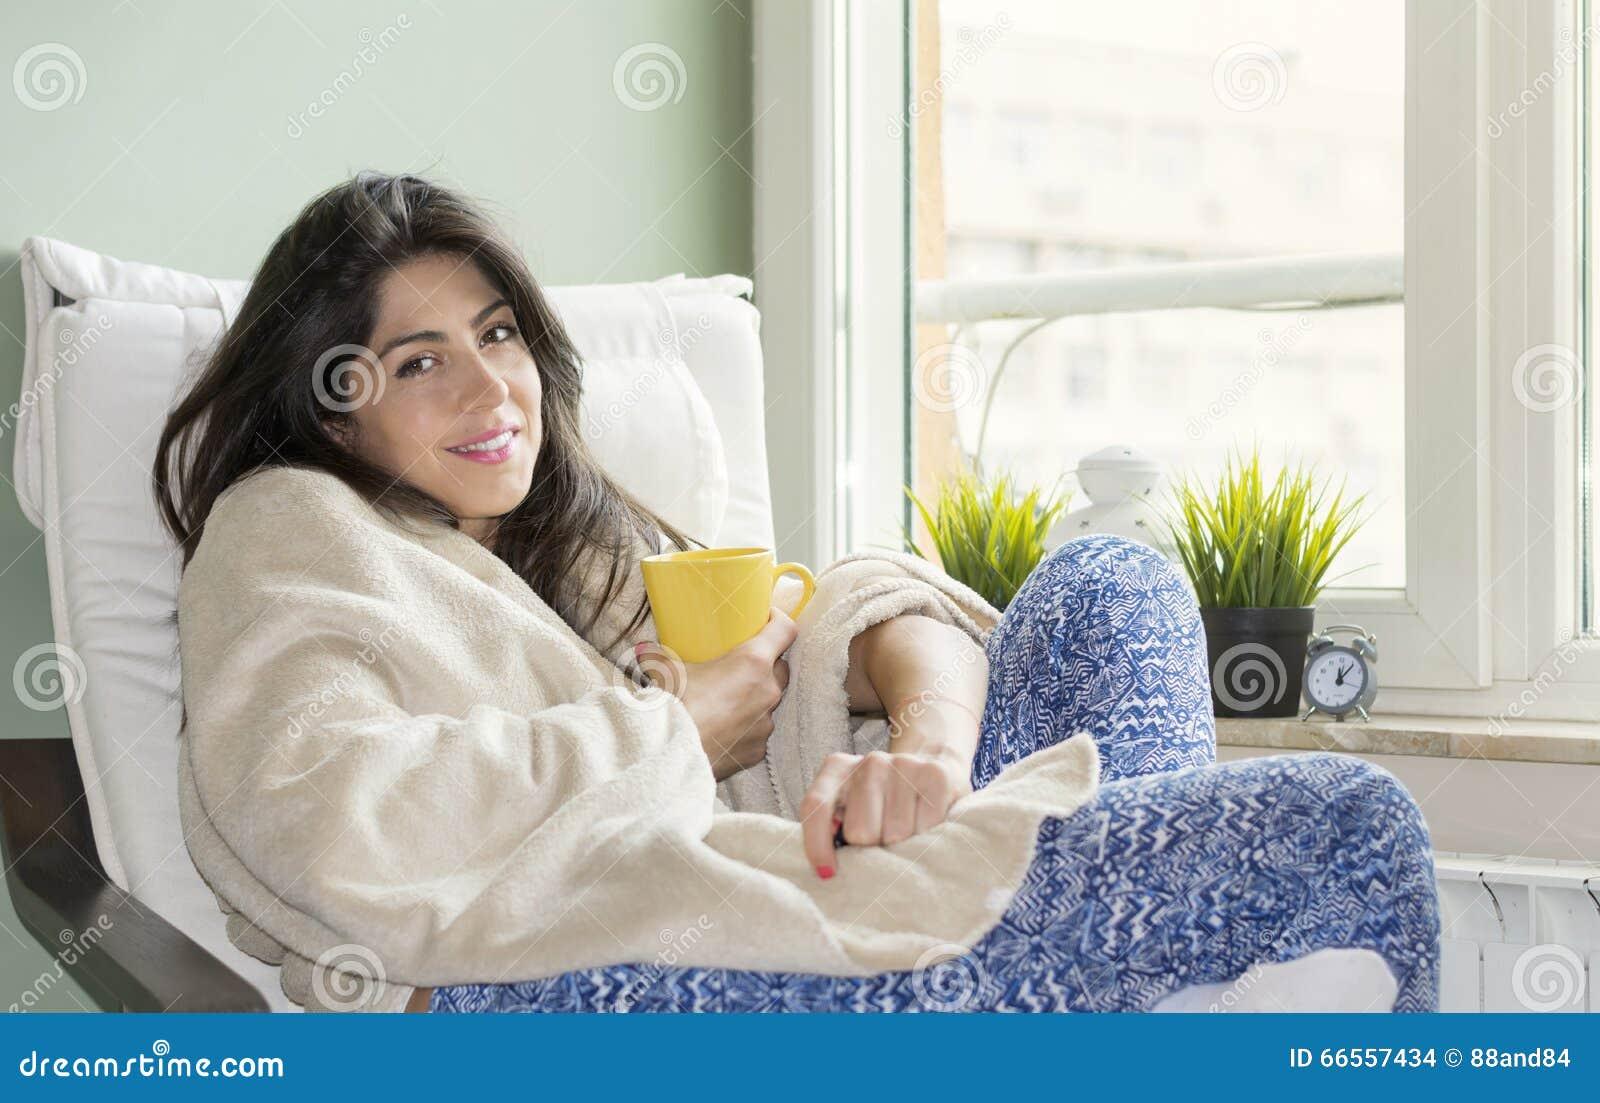 Femme s asseyant à la maison, enveloppé dans une couverture, thé potable